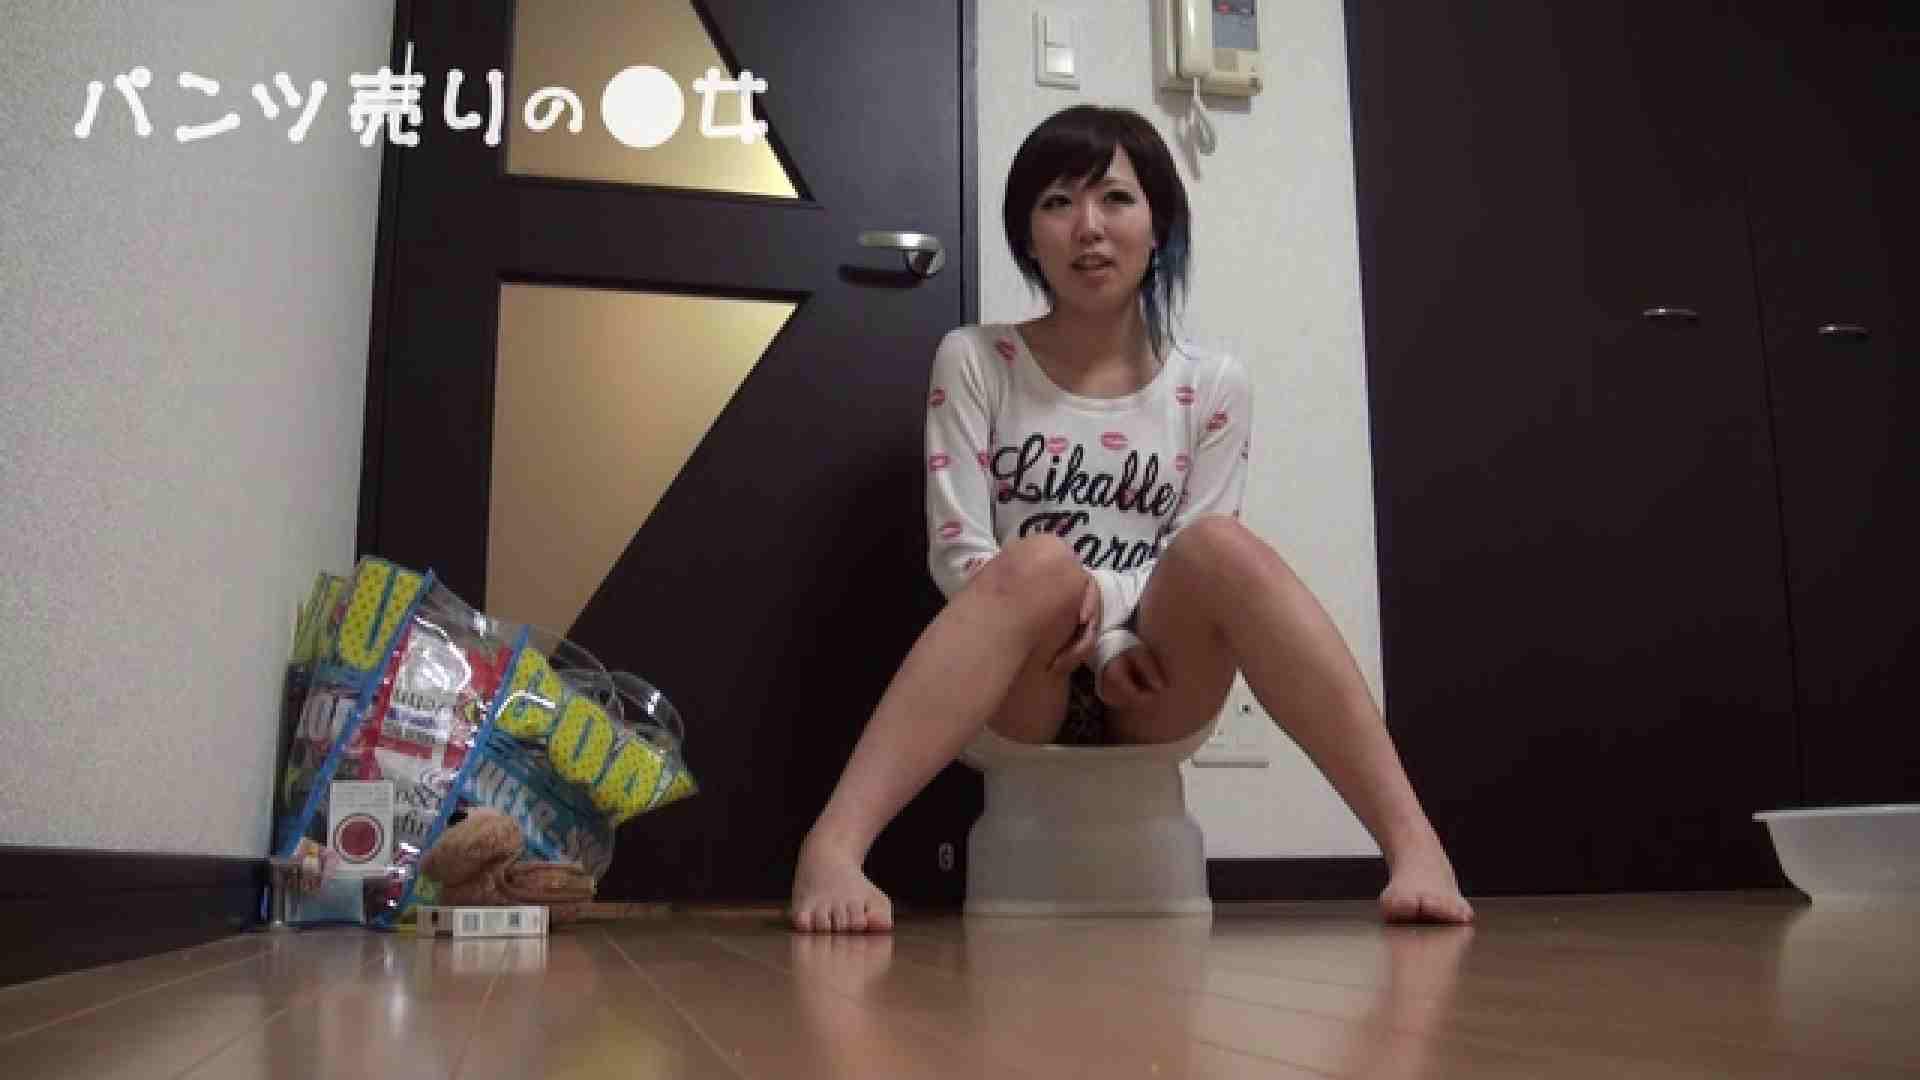 新説 パンツ売りの女の子nana マンコ   盗撮  63pic 26